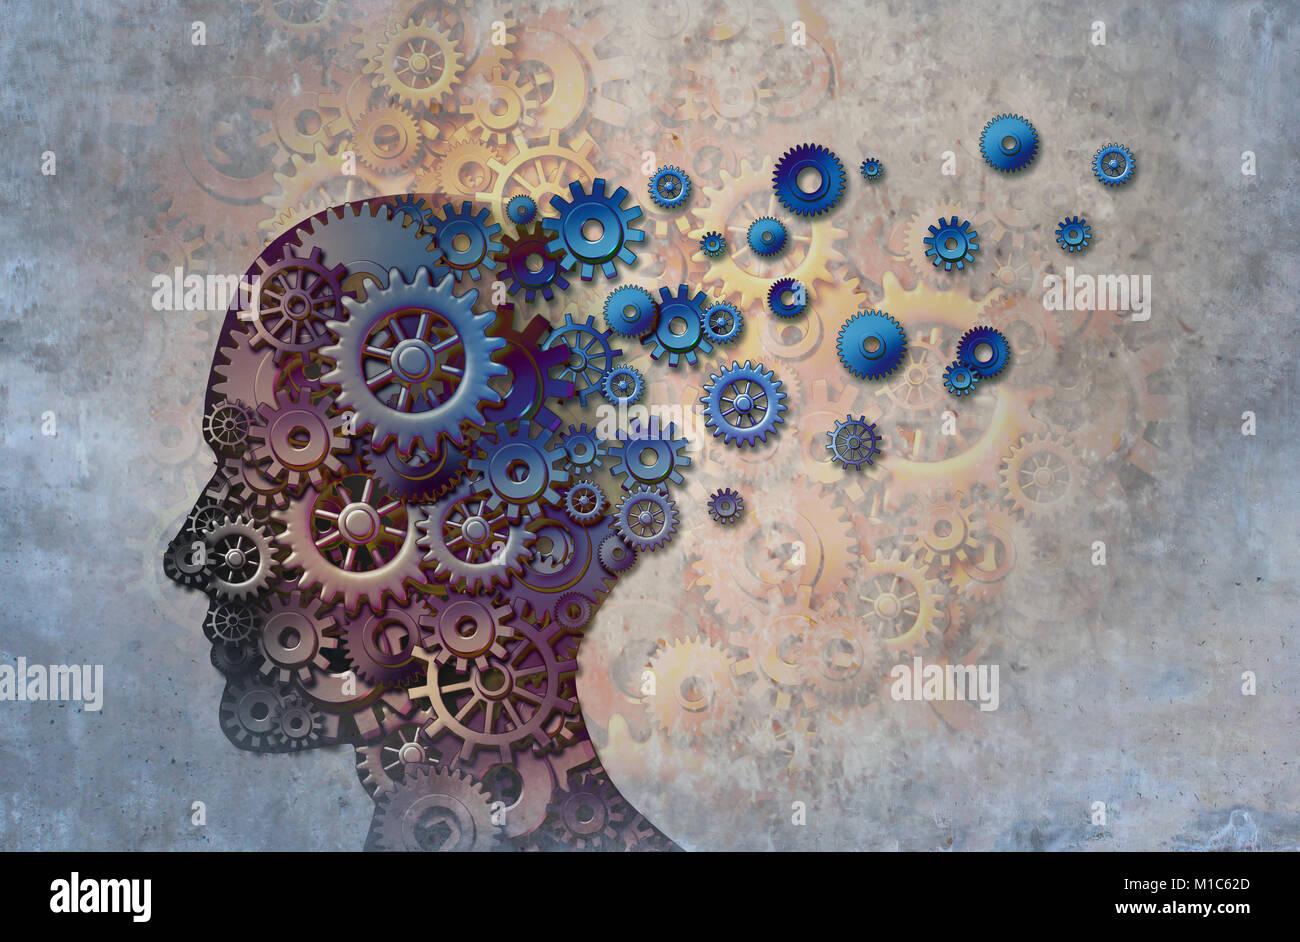 En raison de la perte de mémoire d'Alzheimer Démence et maladie du cerveau avec l'abrégé Photo Stock